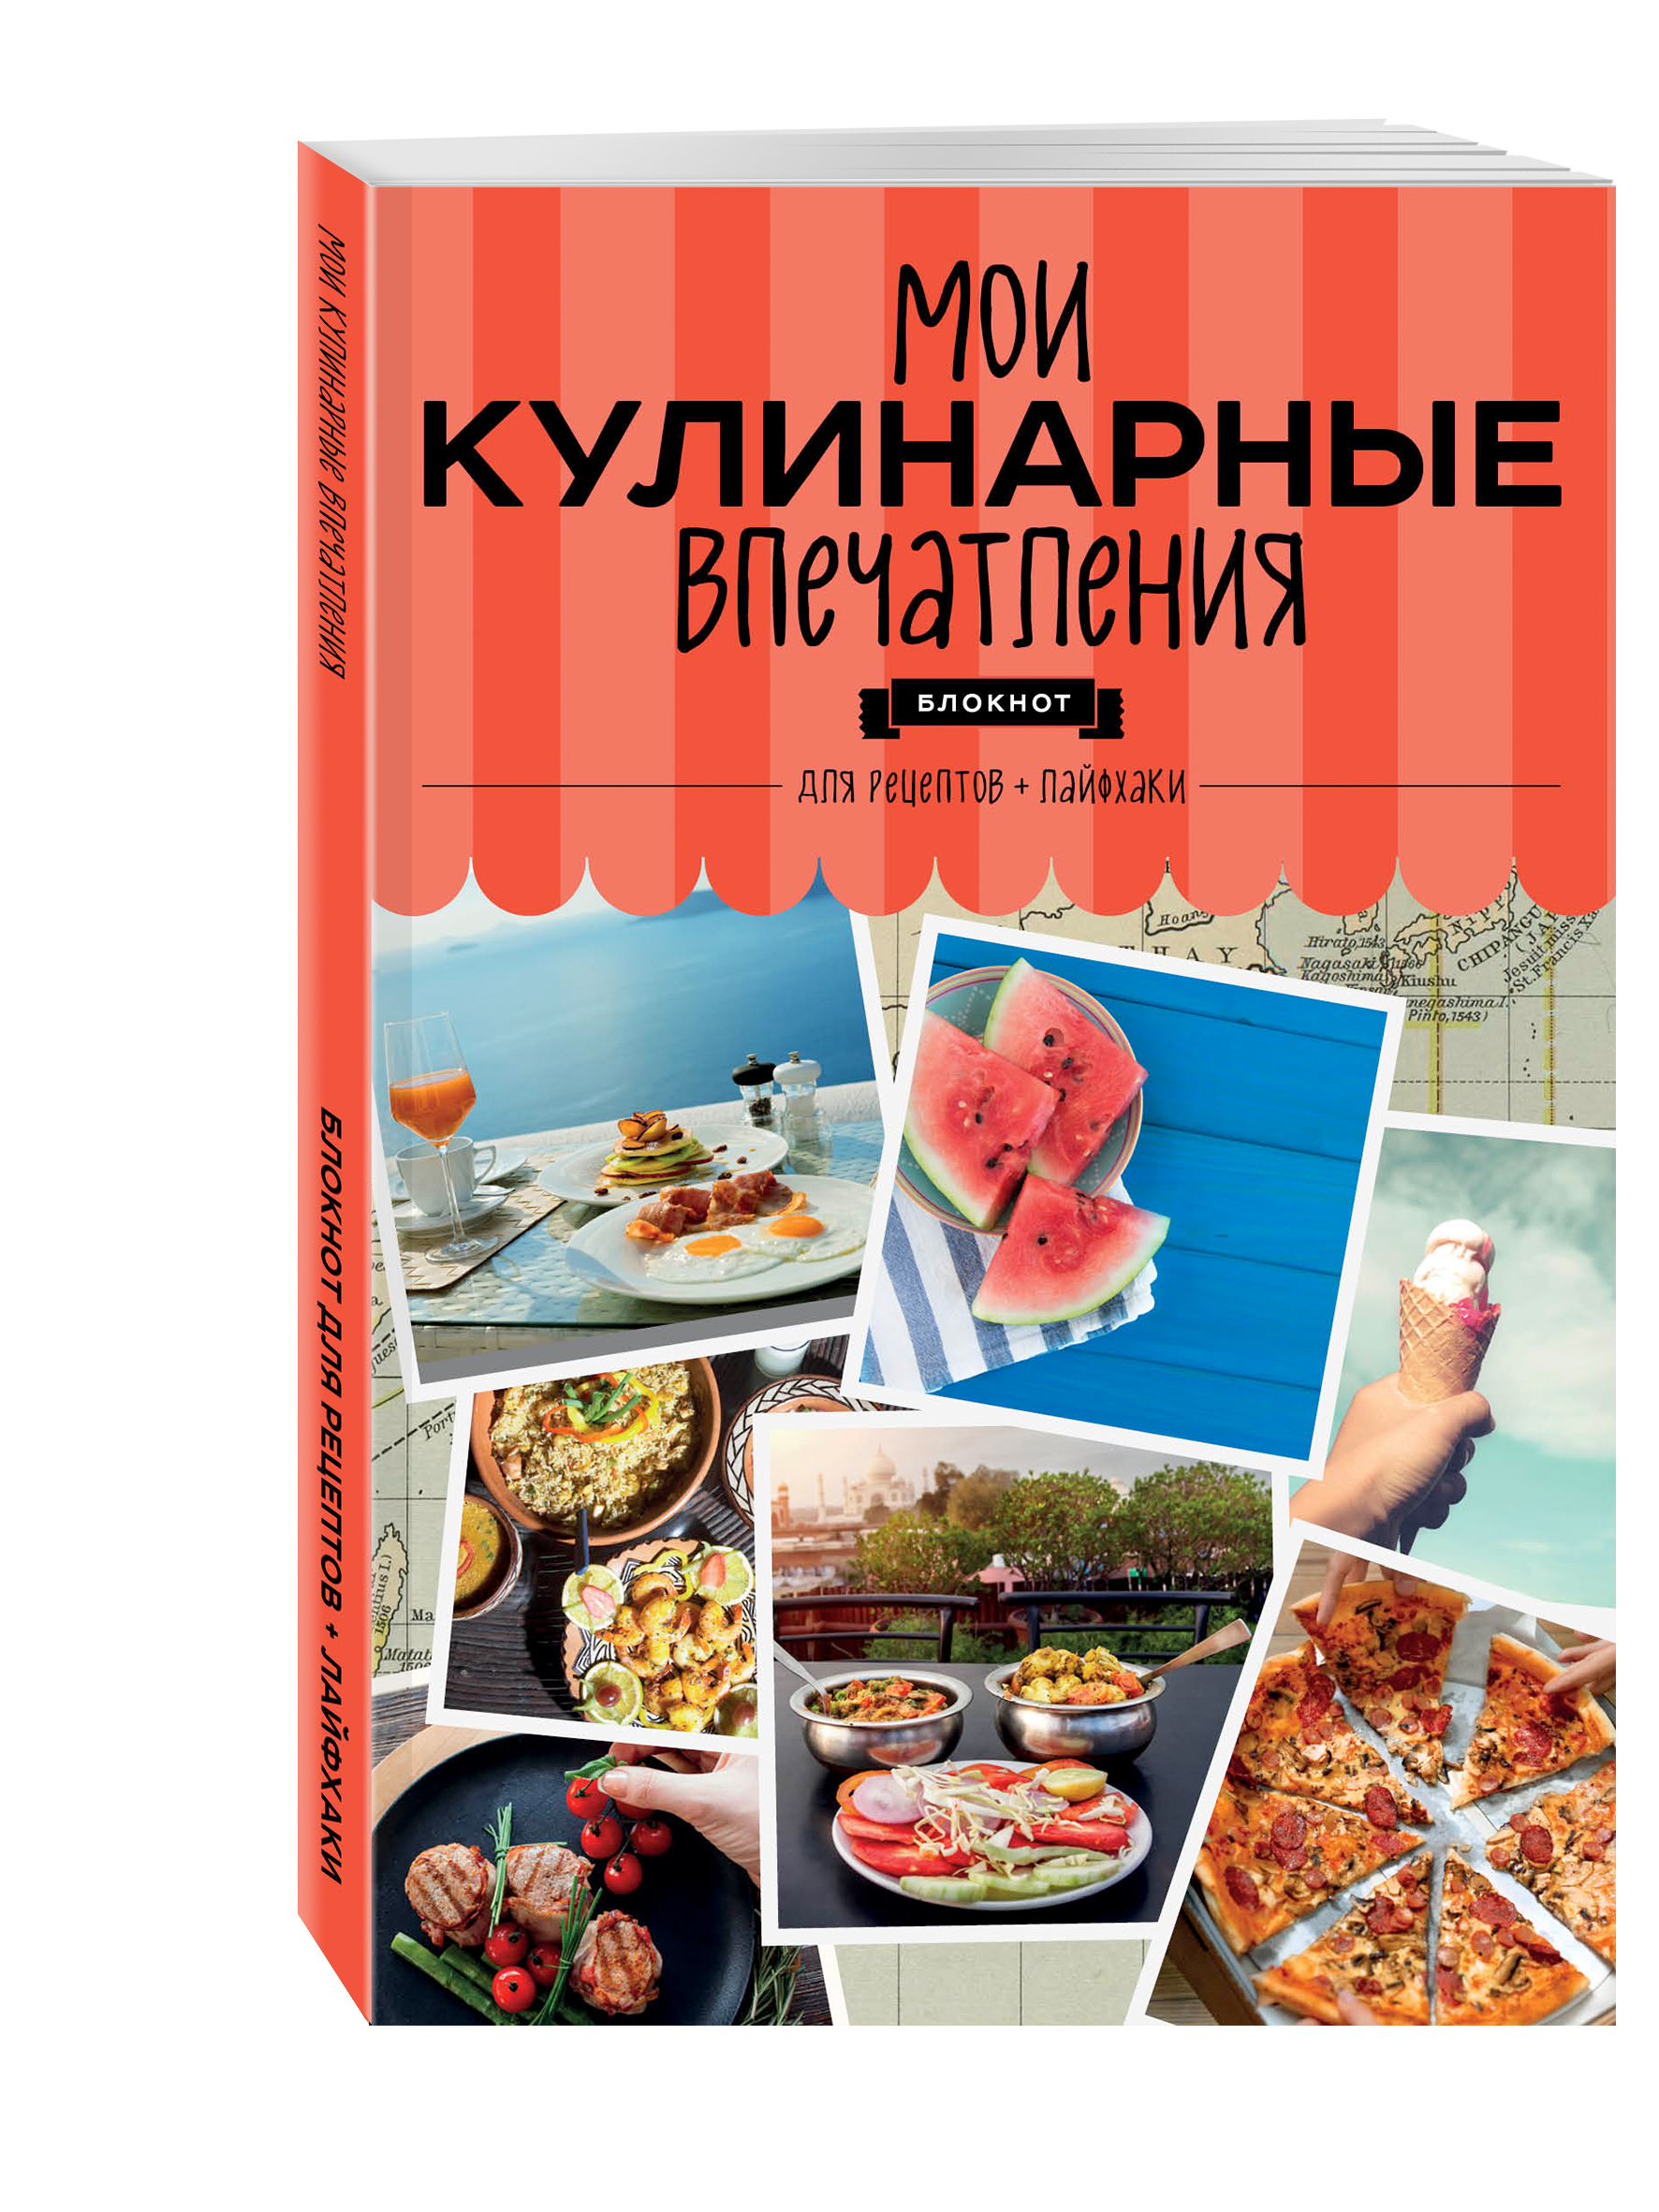 Мои кулинарные впечатления. Блокнот для записи рецептов и лайфхаков (арбуз) книга рецептов